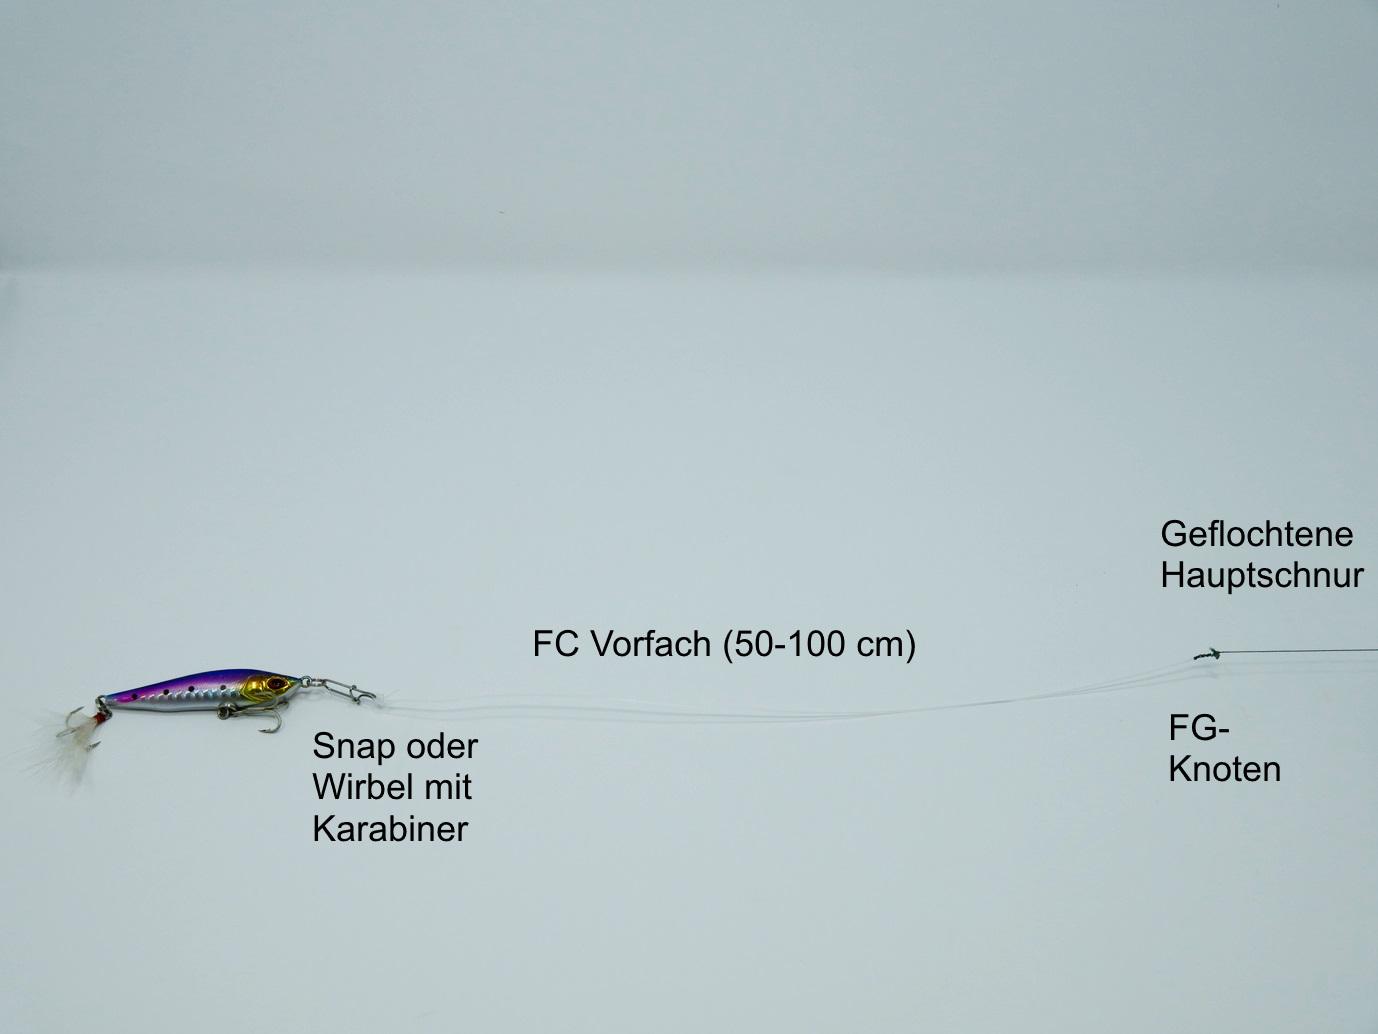 Montage zum Spinnfischen mit FG Knoten.